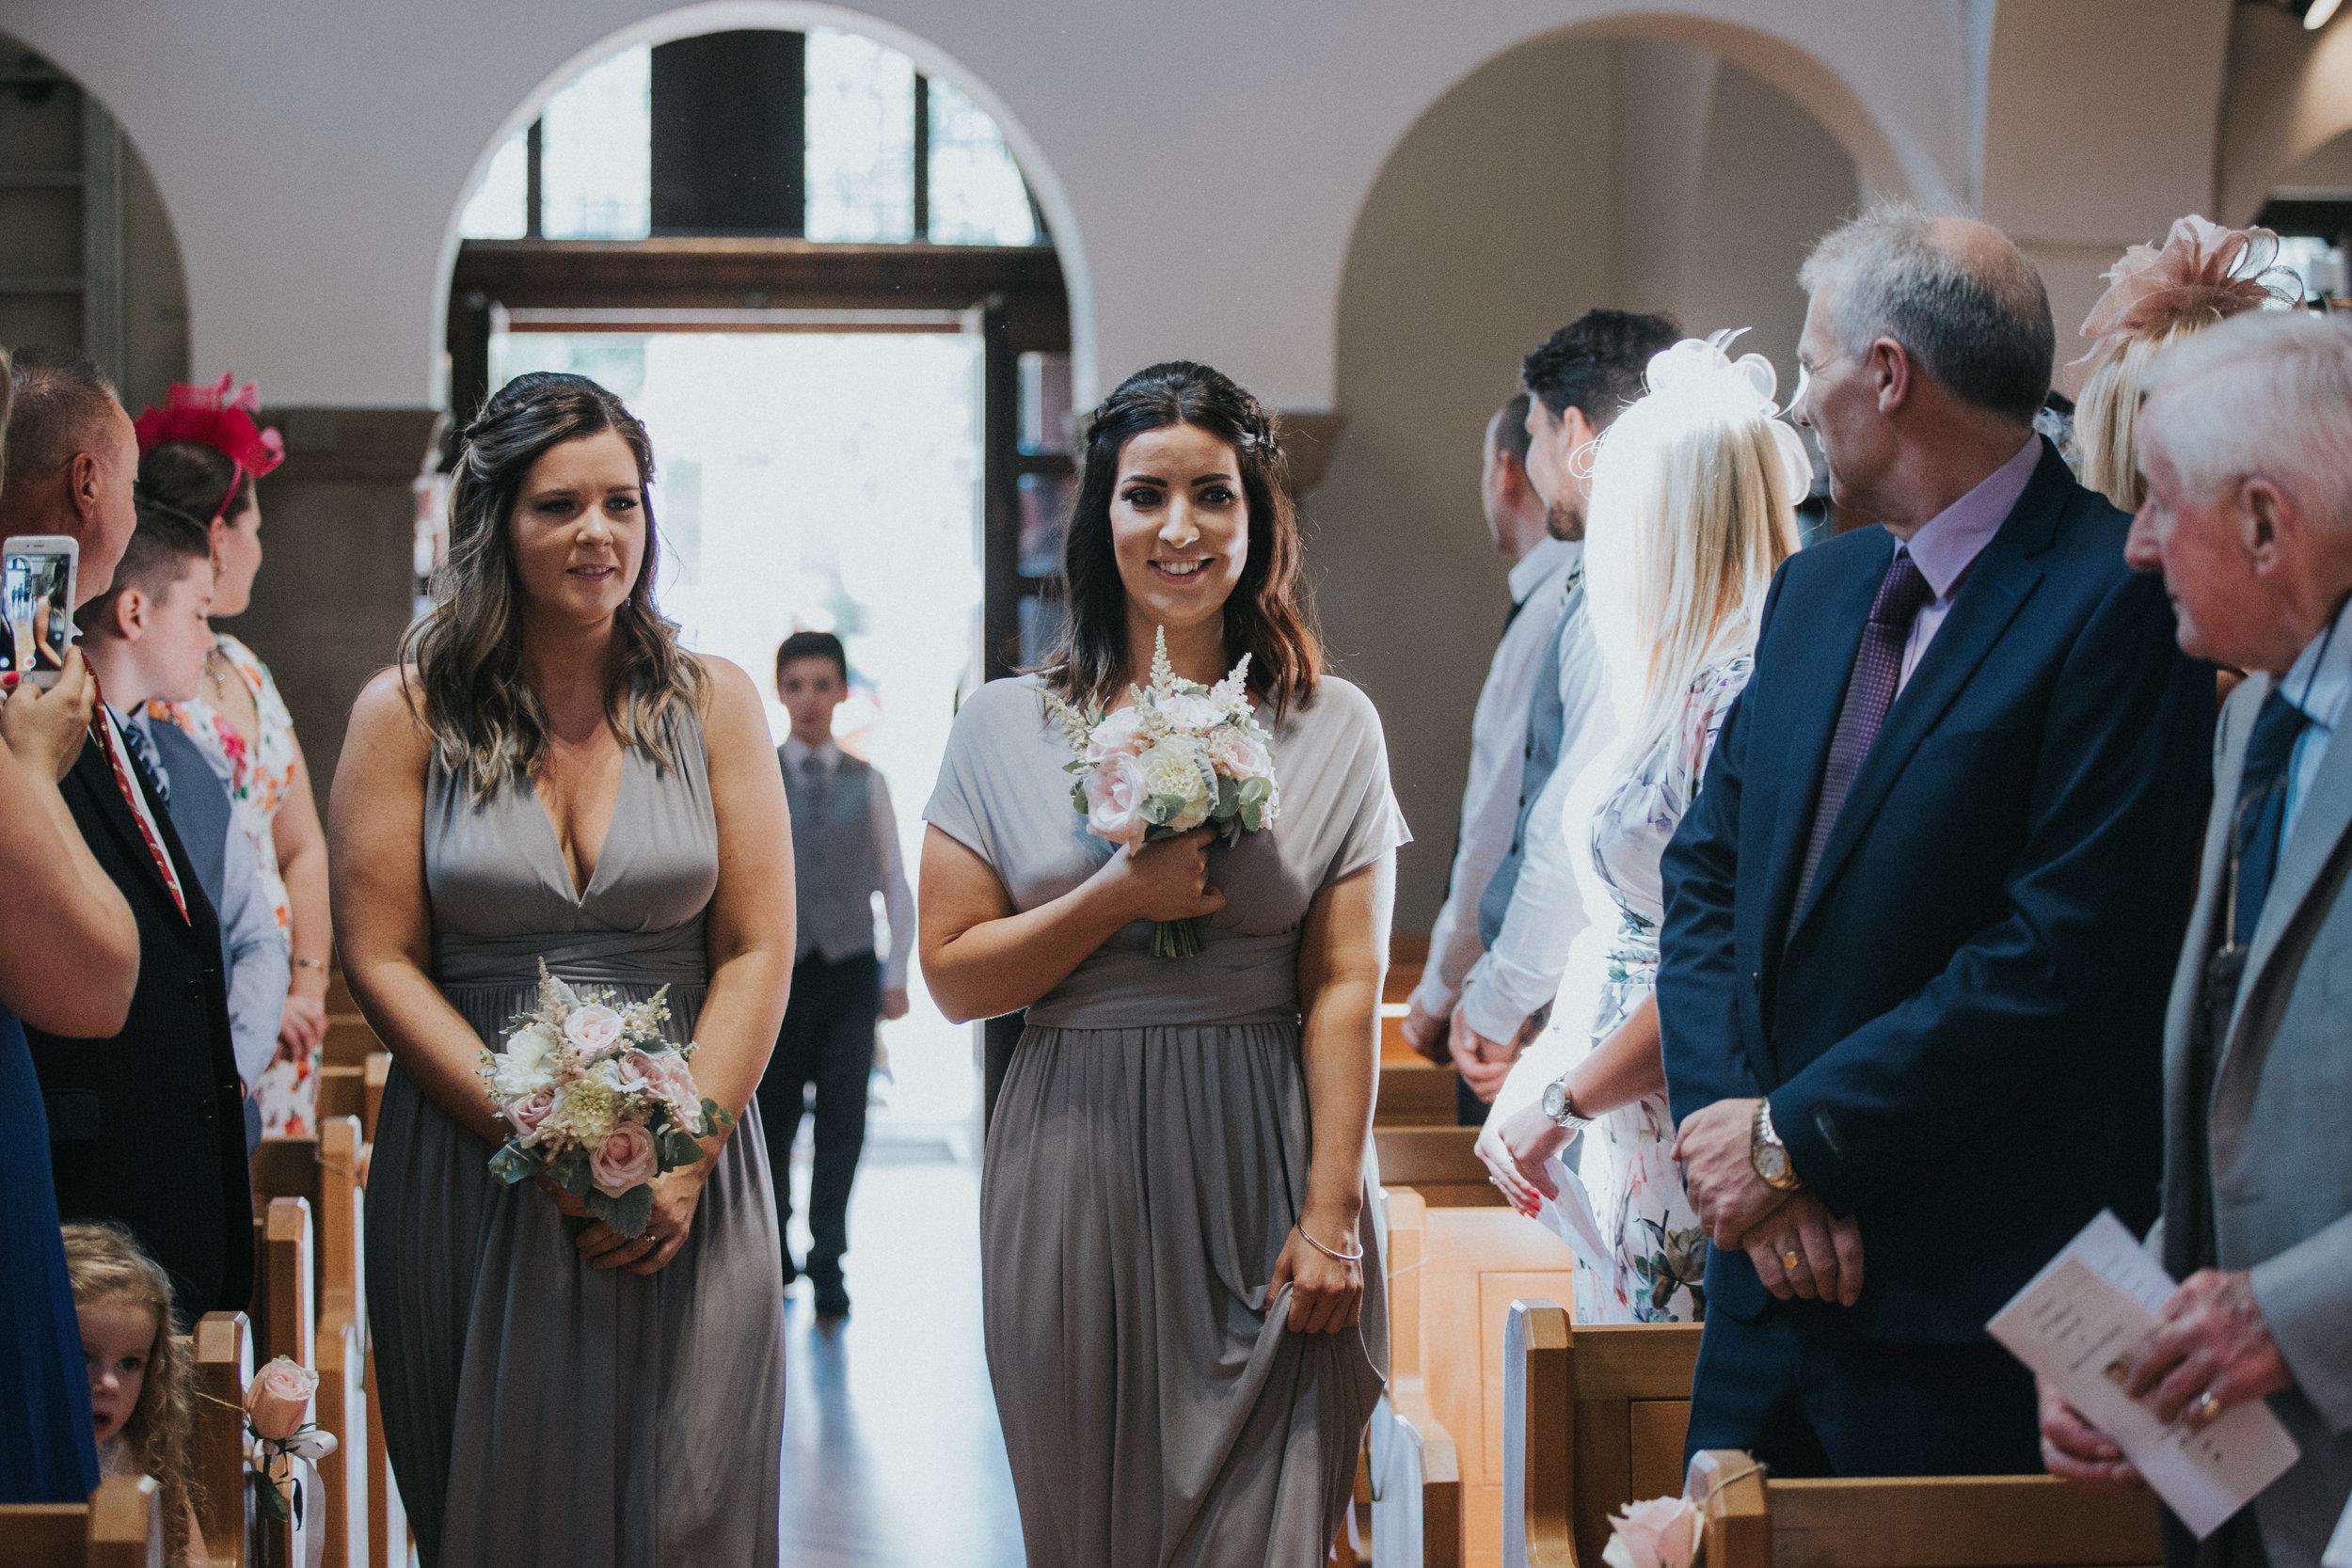 hitchin-hertfordshire-london-wedding-photography-catholic-ceremony-21